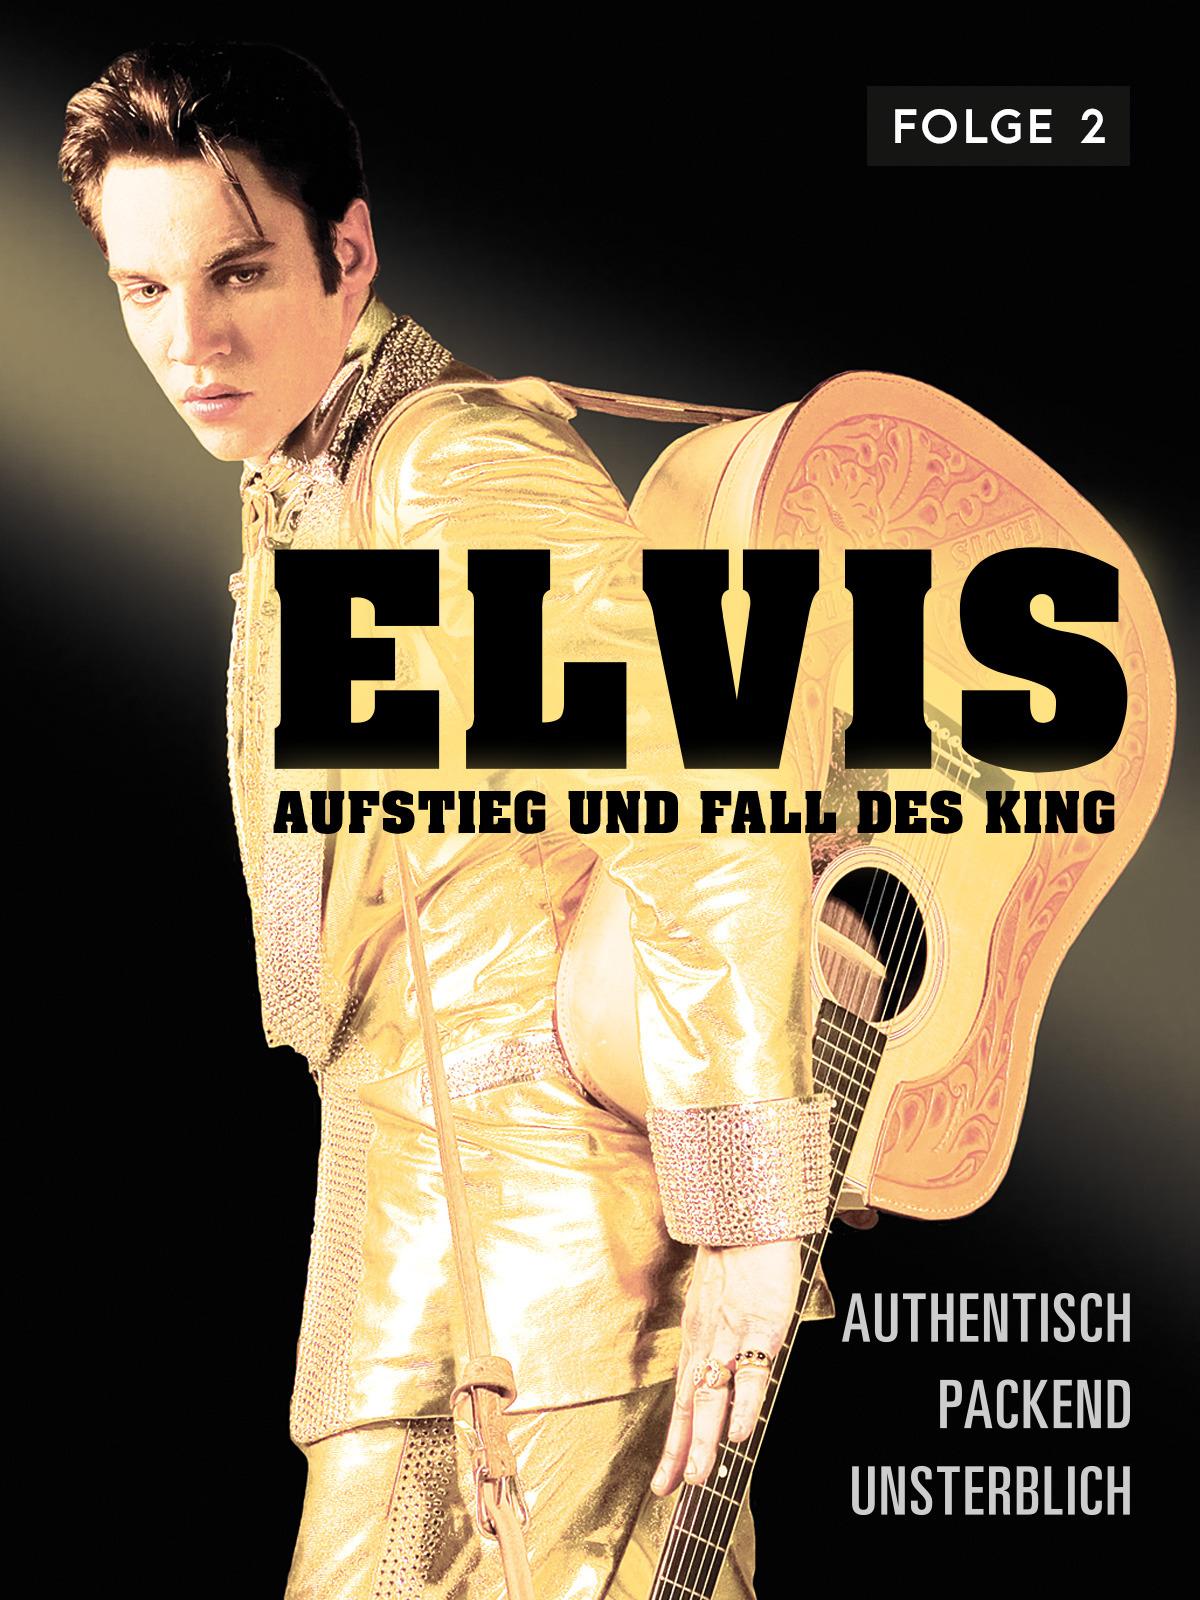 Elvis - Aufstieg und Fall des King